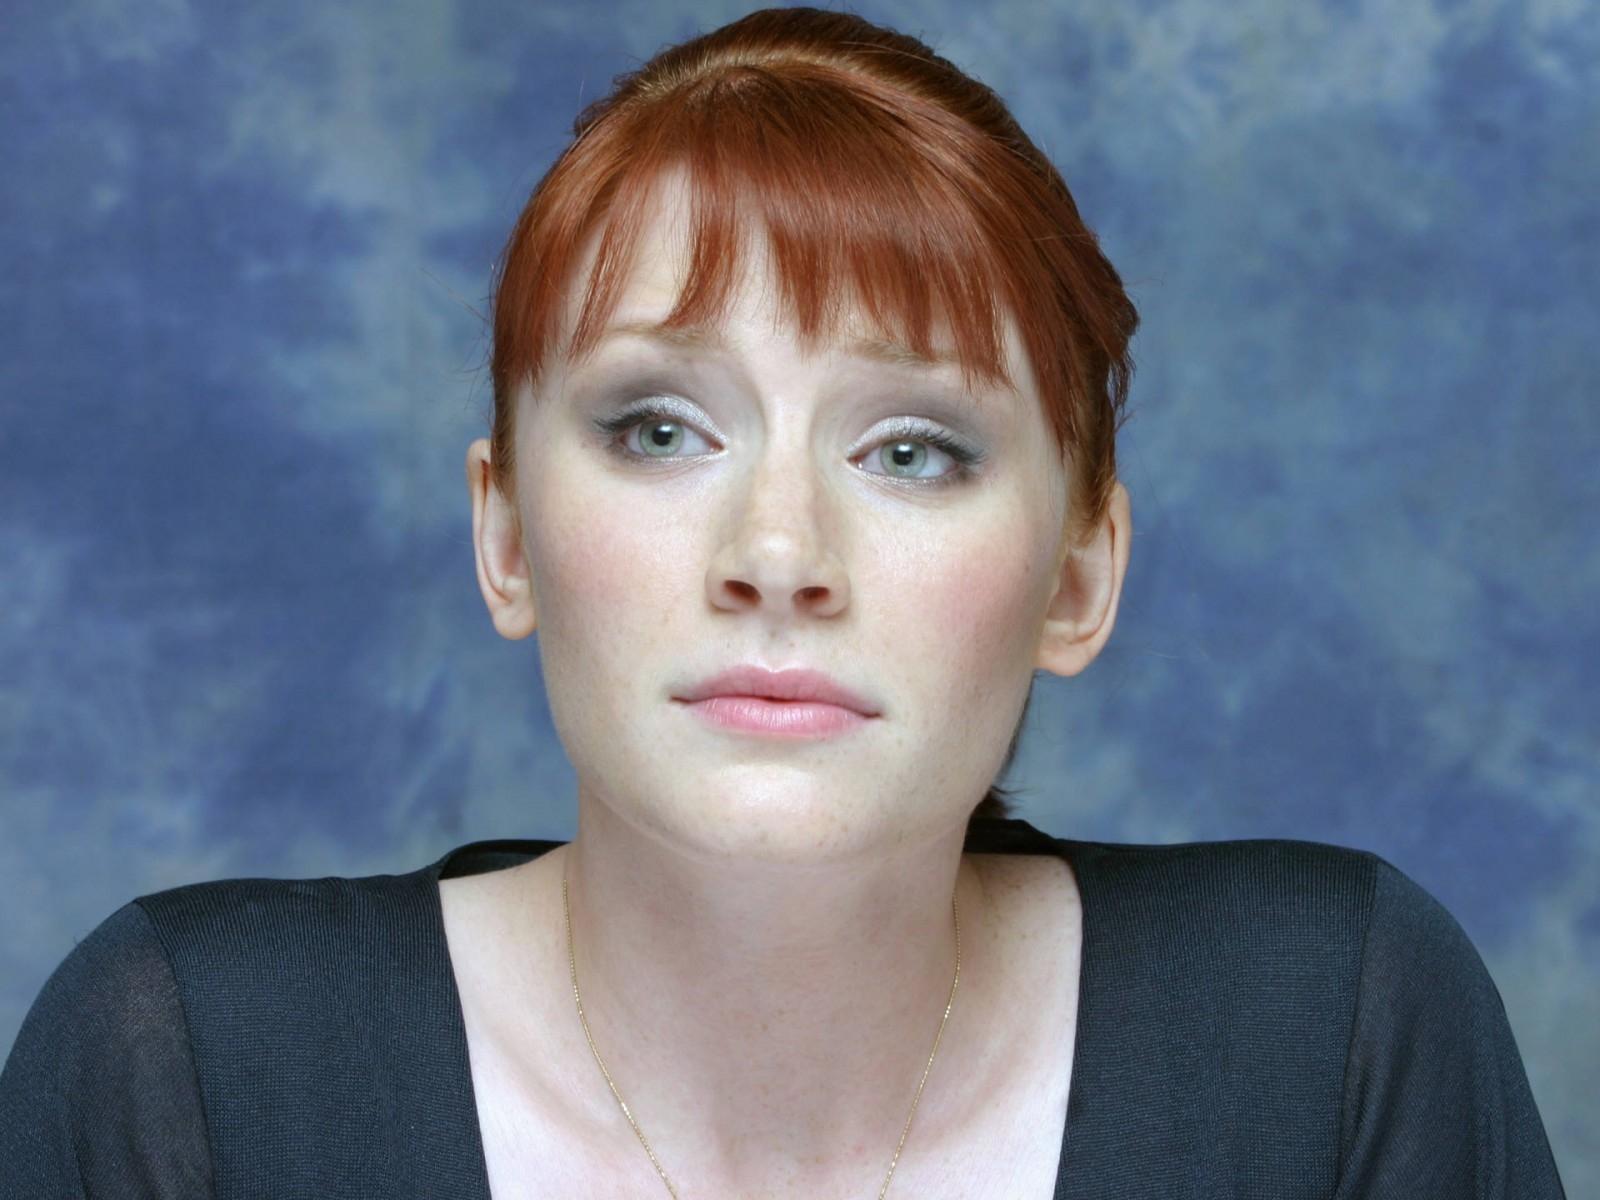 Wallpaper di Bryce Dallas Howard - L'attrice è nata il 2 marzo '81 sotto il segno dei Pesci